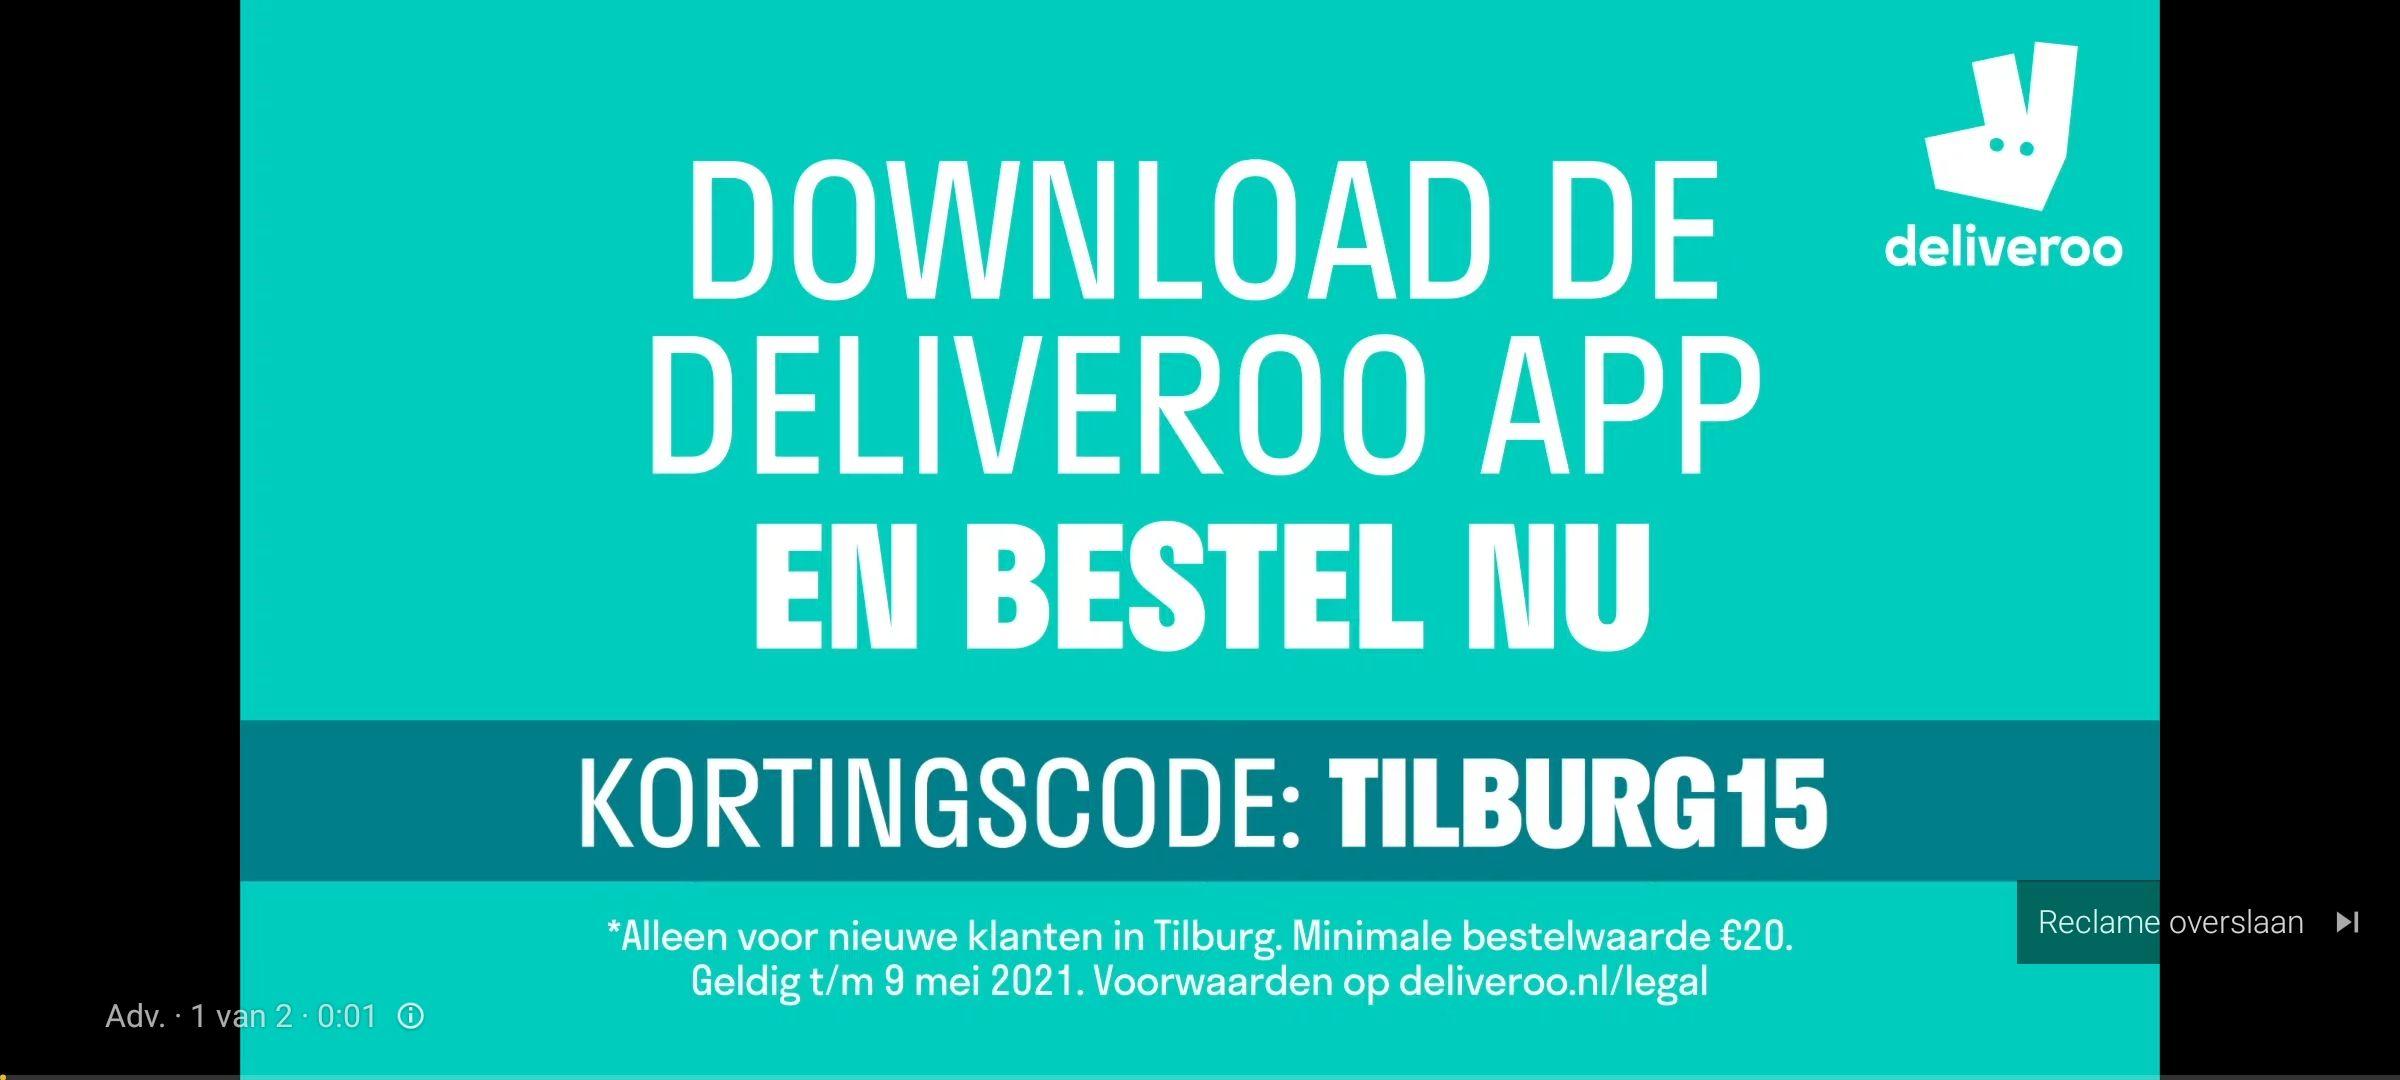 €15,- korting Deliveroo bij minimale besteding €20,-